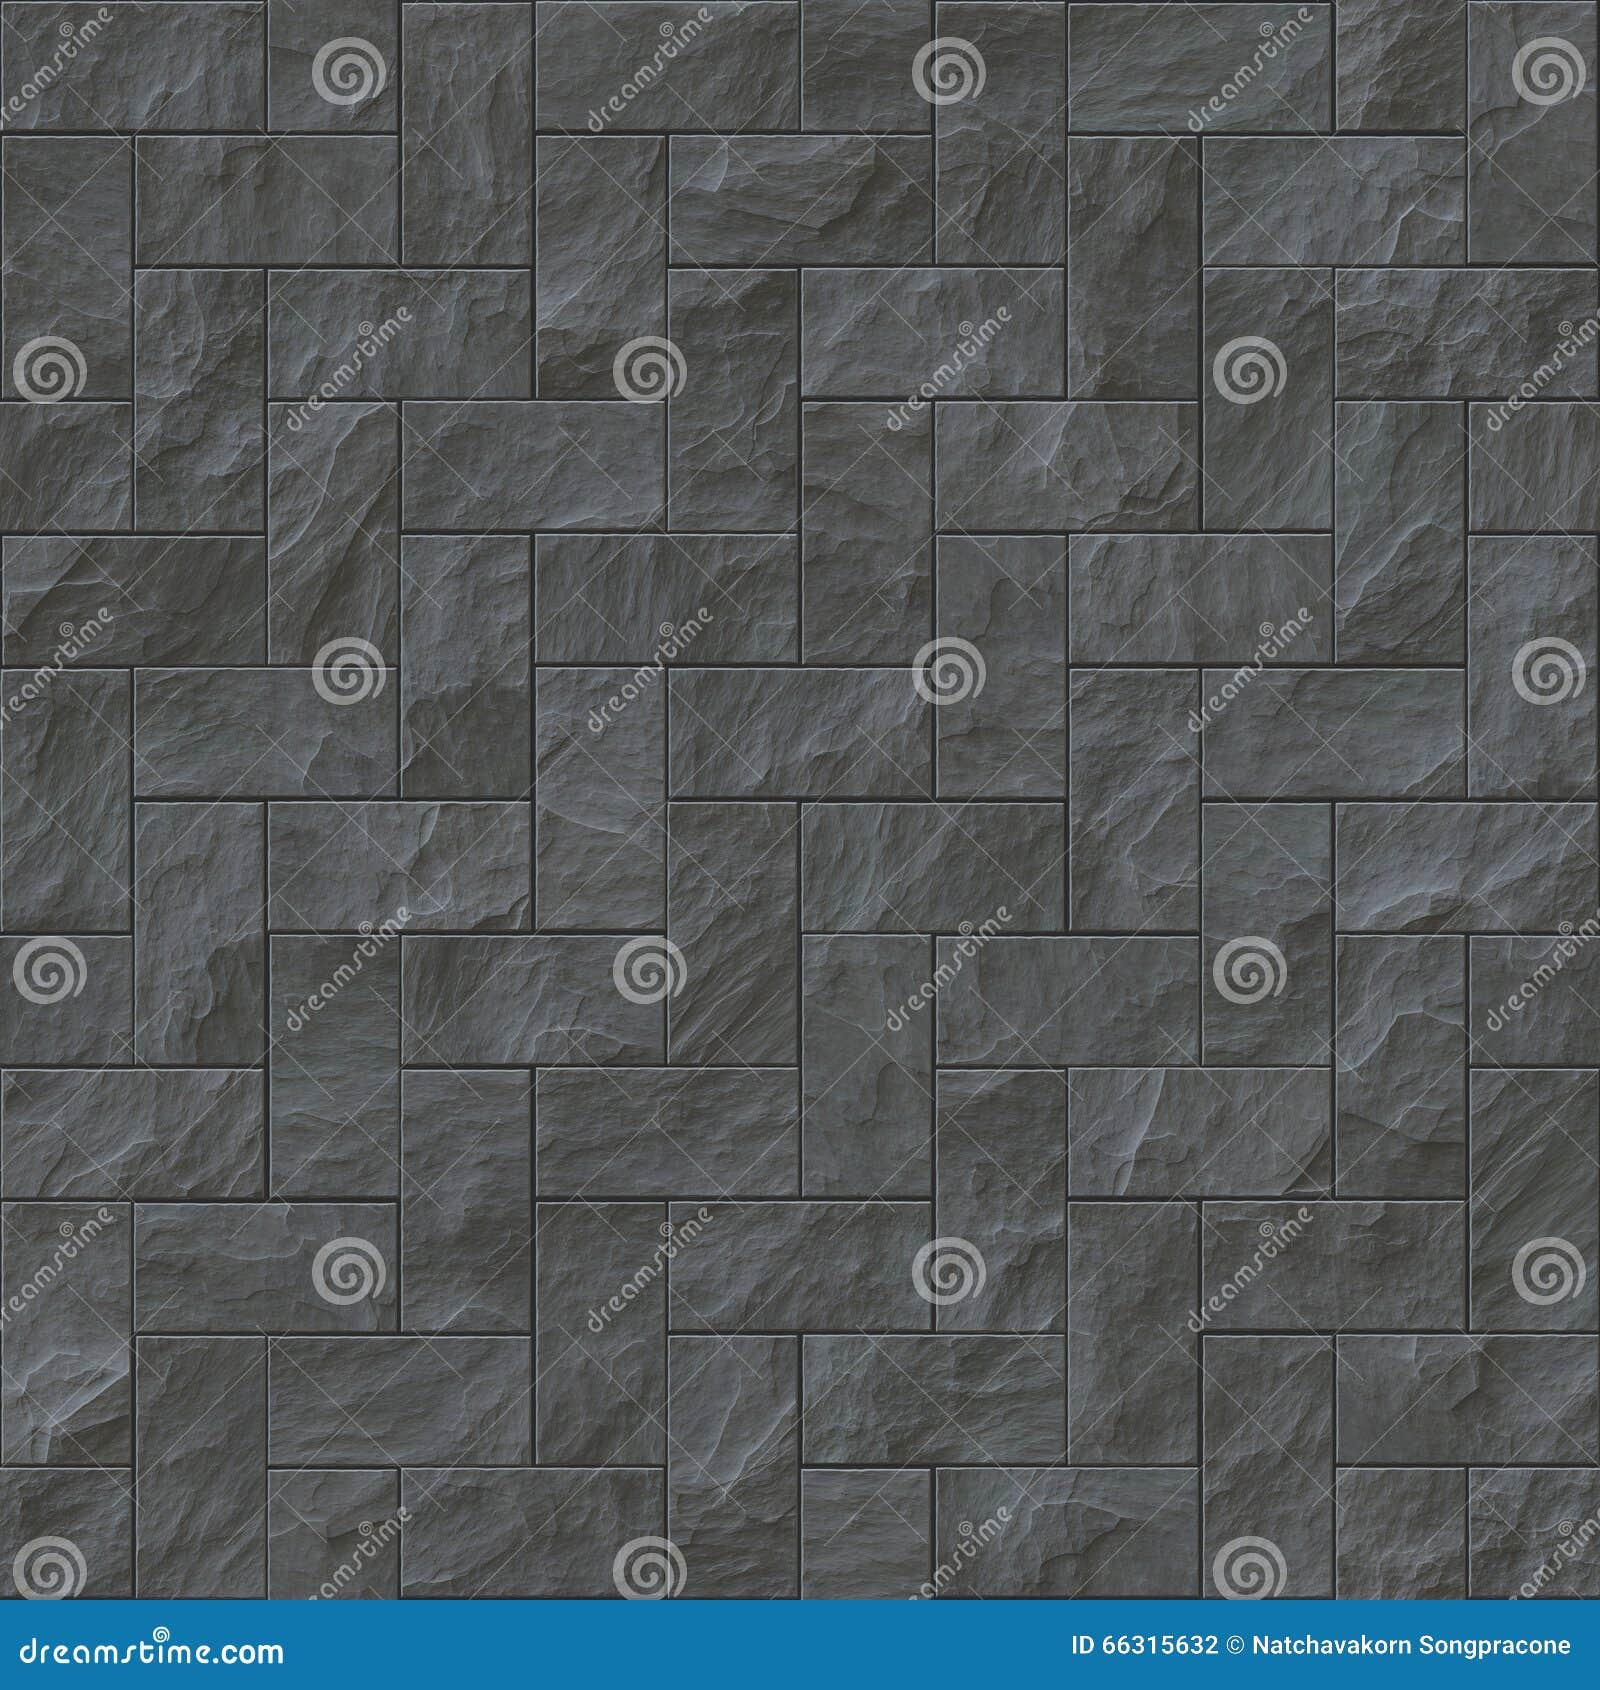 . Seamless Dark Stone Brick Texture Illustration Illustration 66315632